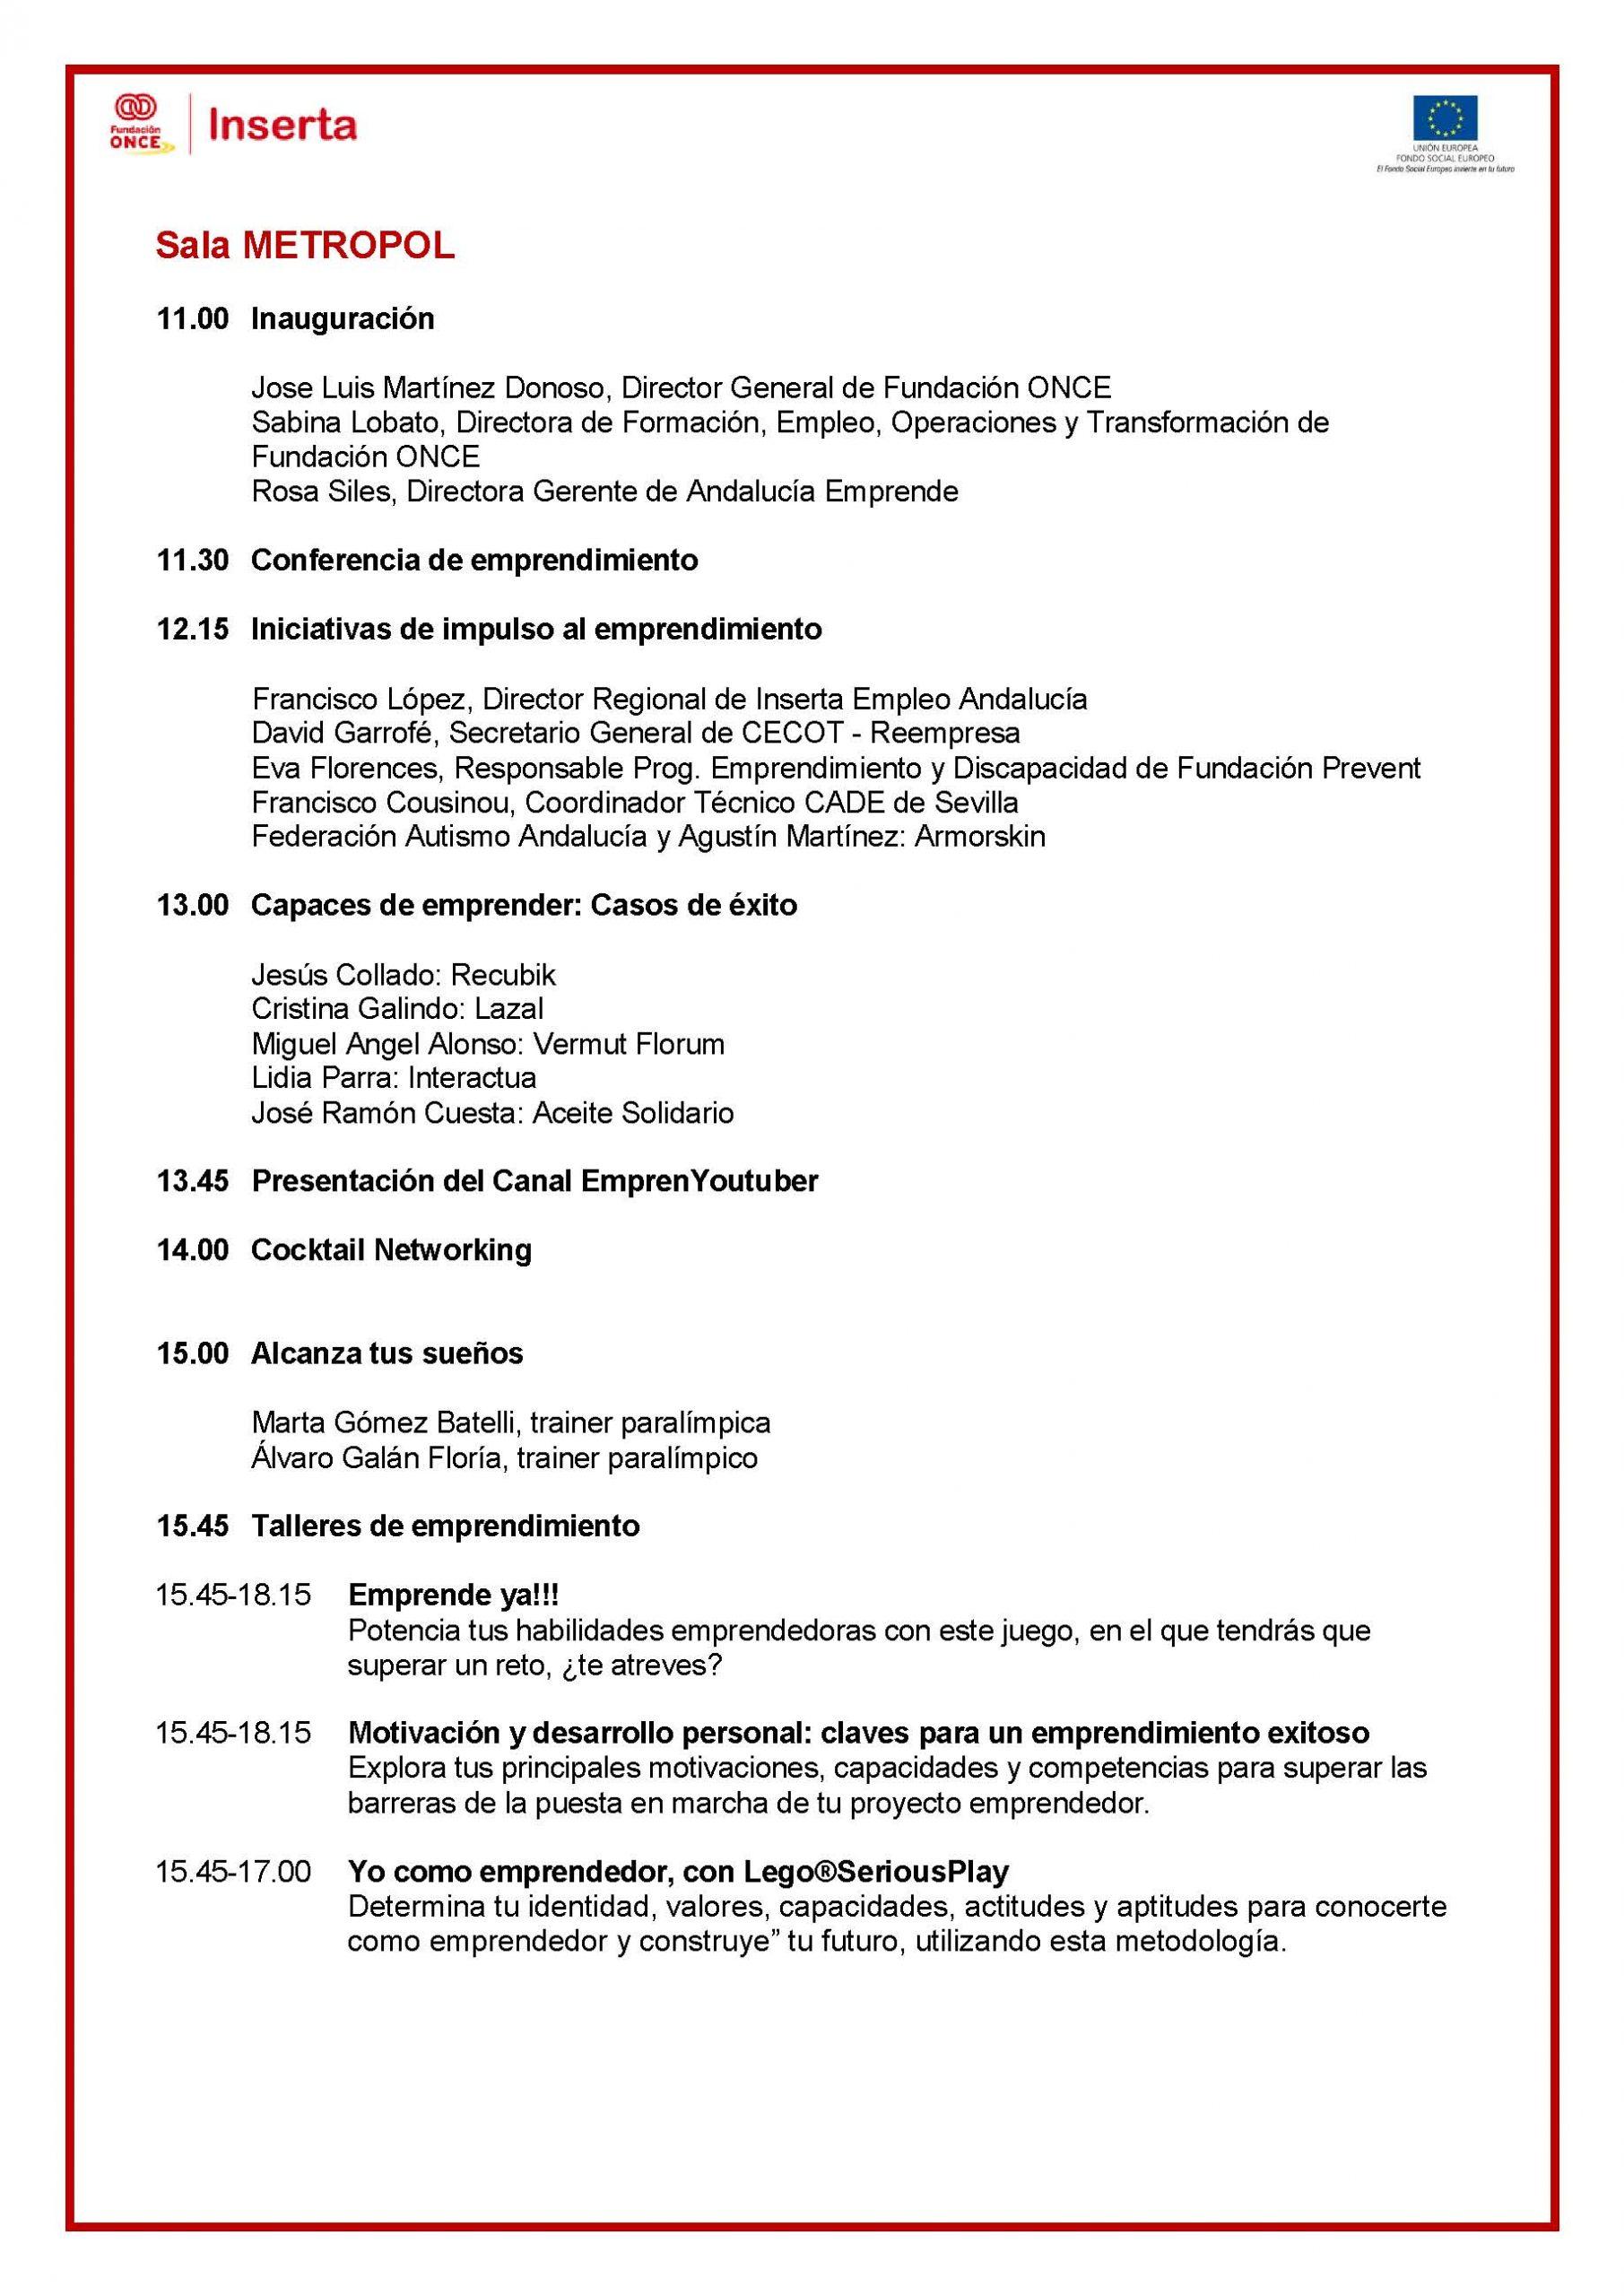 programa jornada por talento emprende - 11 de junio - sevilla_pagina_3.jpg